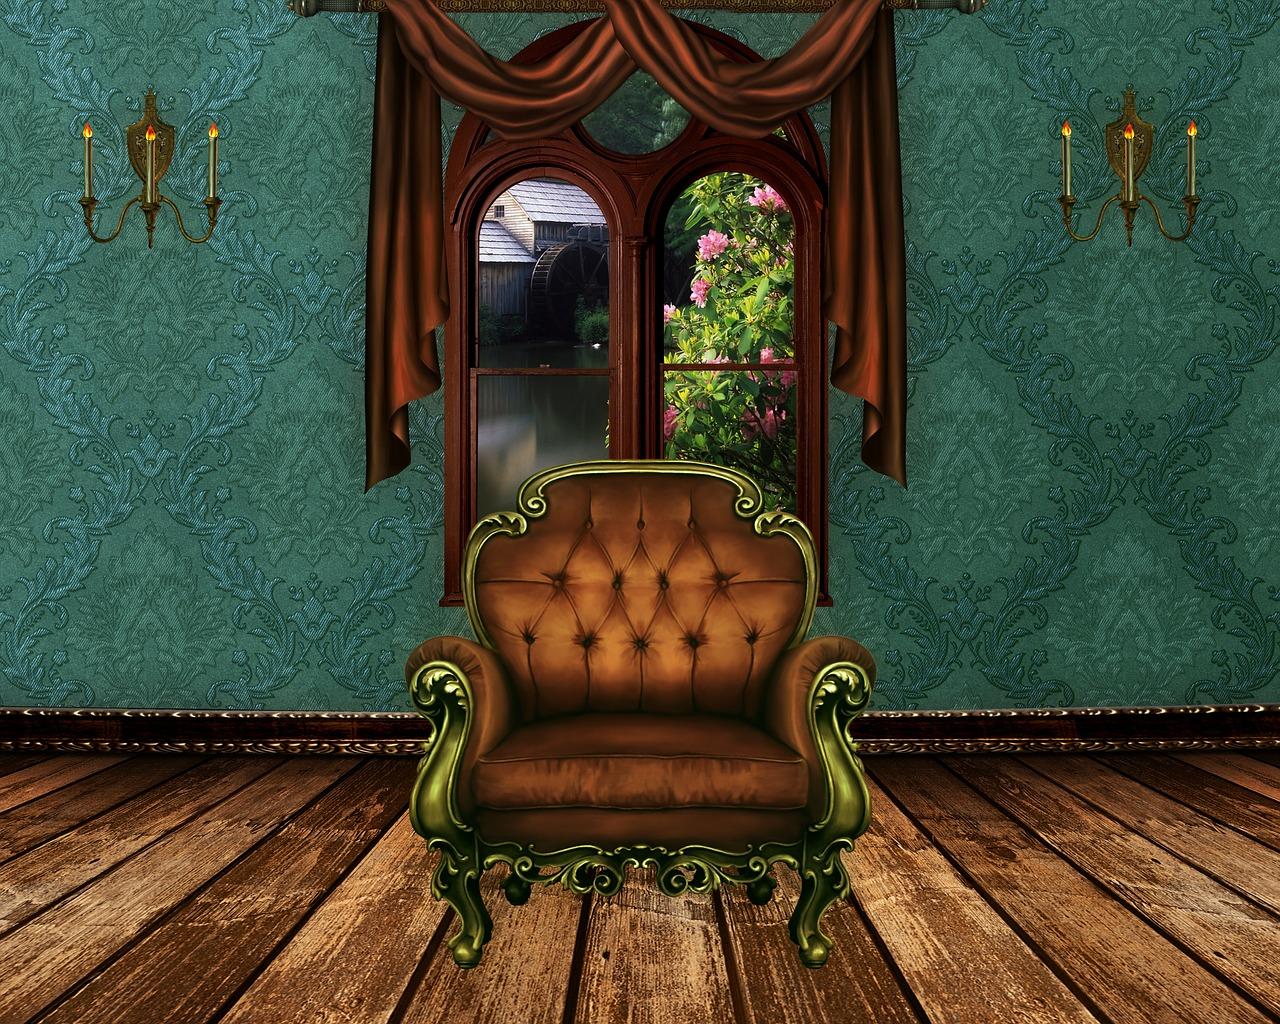 Декор комнаты своими руками - практические советы на портале Home-Help